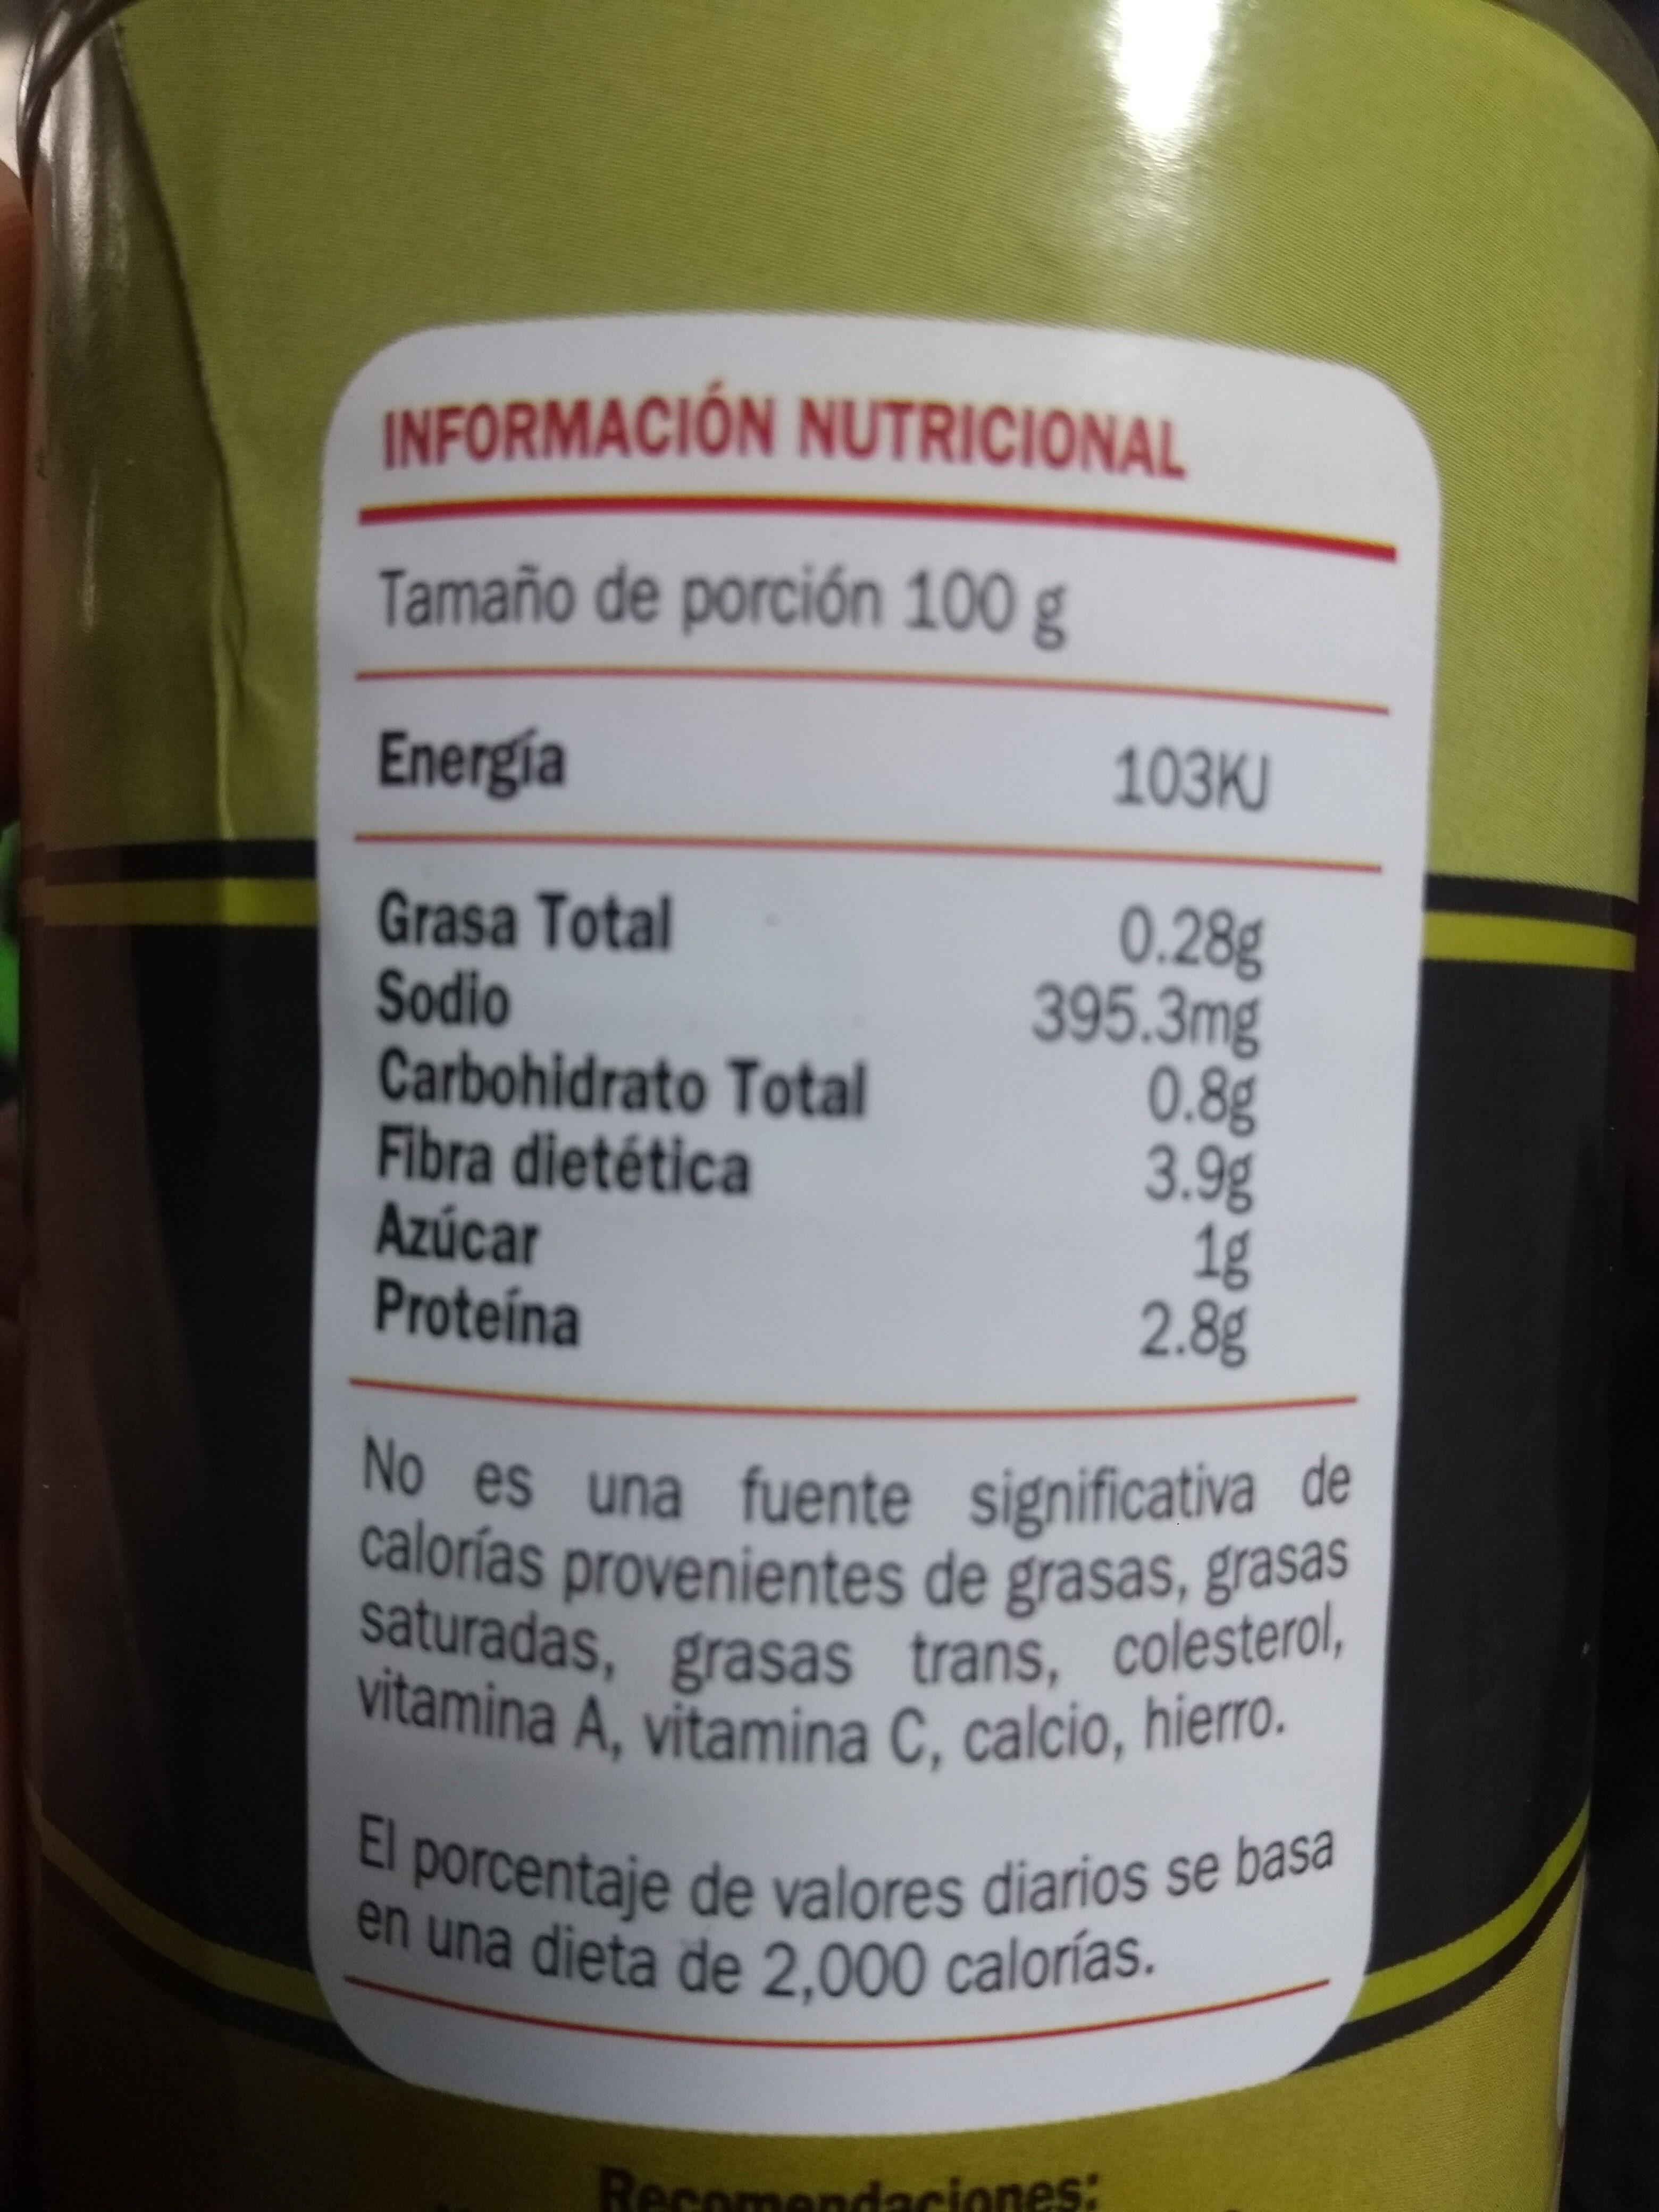 Champiñones en rebanadas en agua y sal - Nutrition facts - es